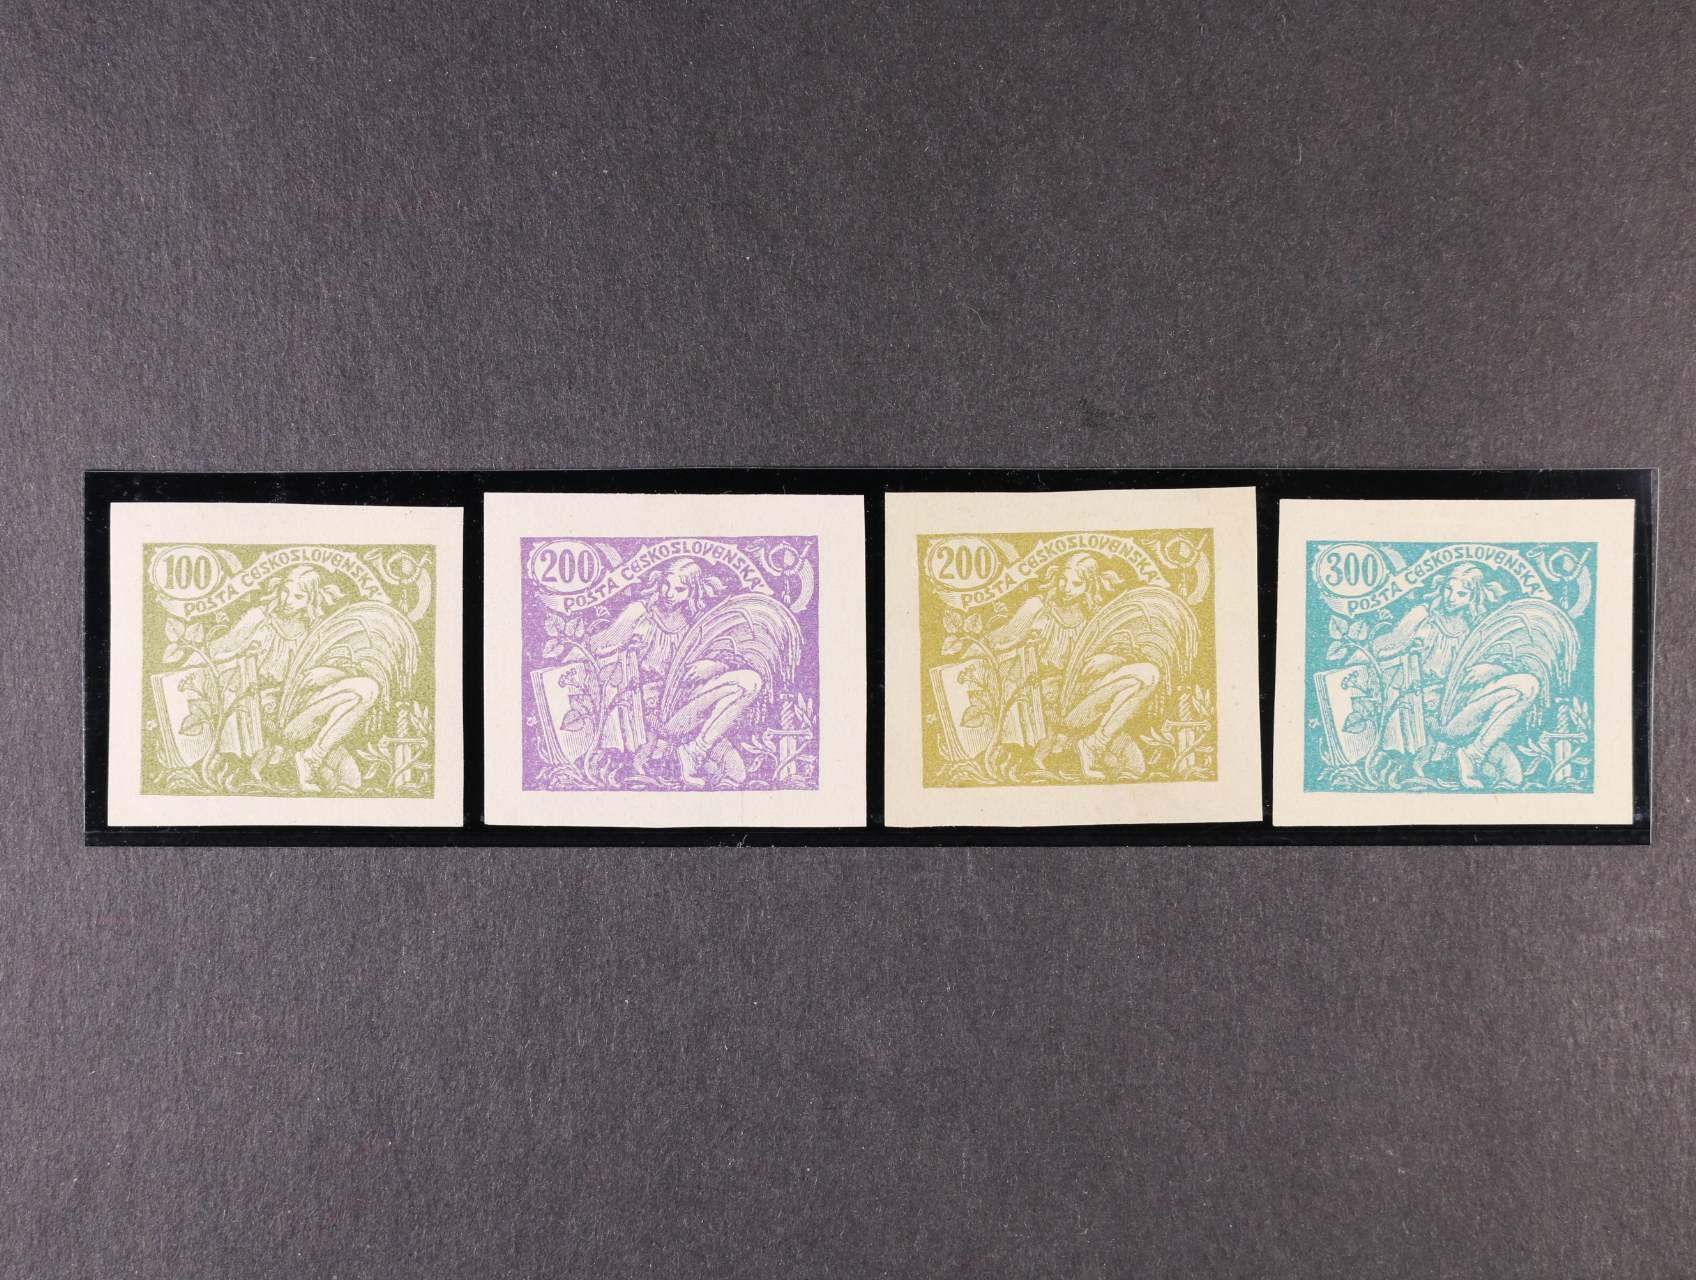 ZT zn. č. 164 - 7 v různých barvách, zk. Gilbert, Karásek